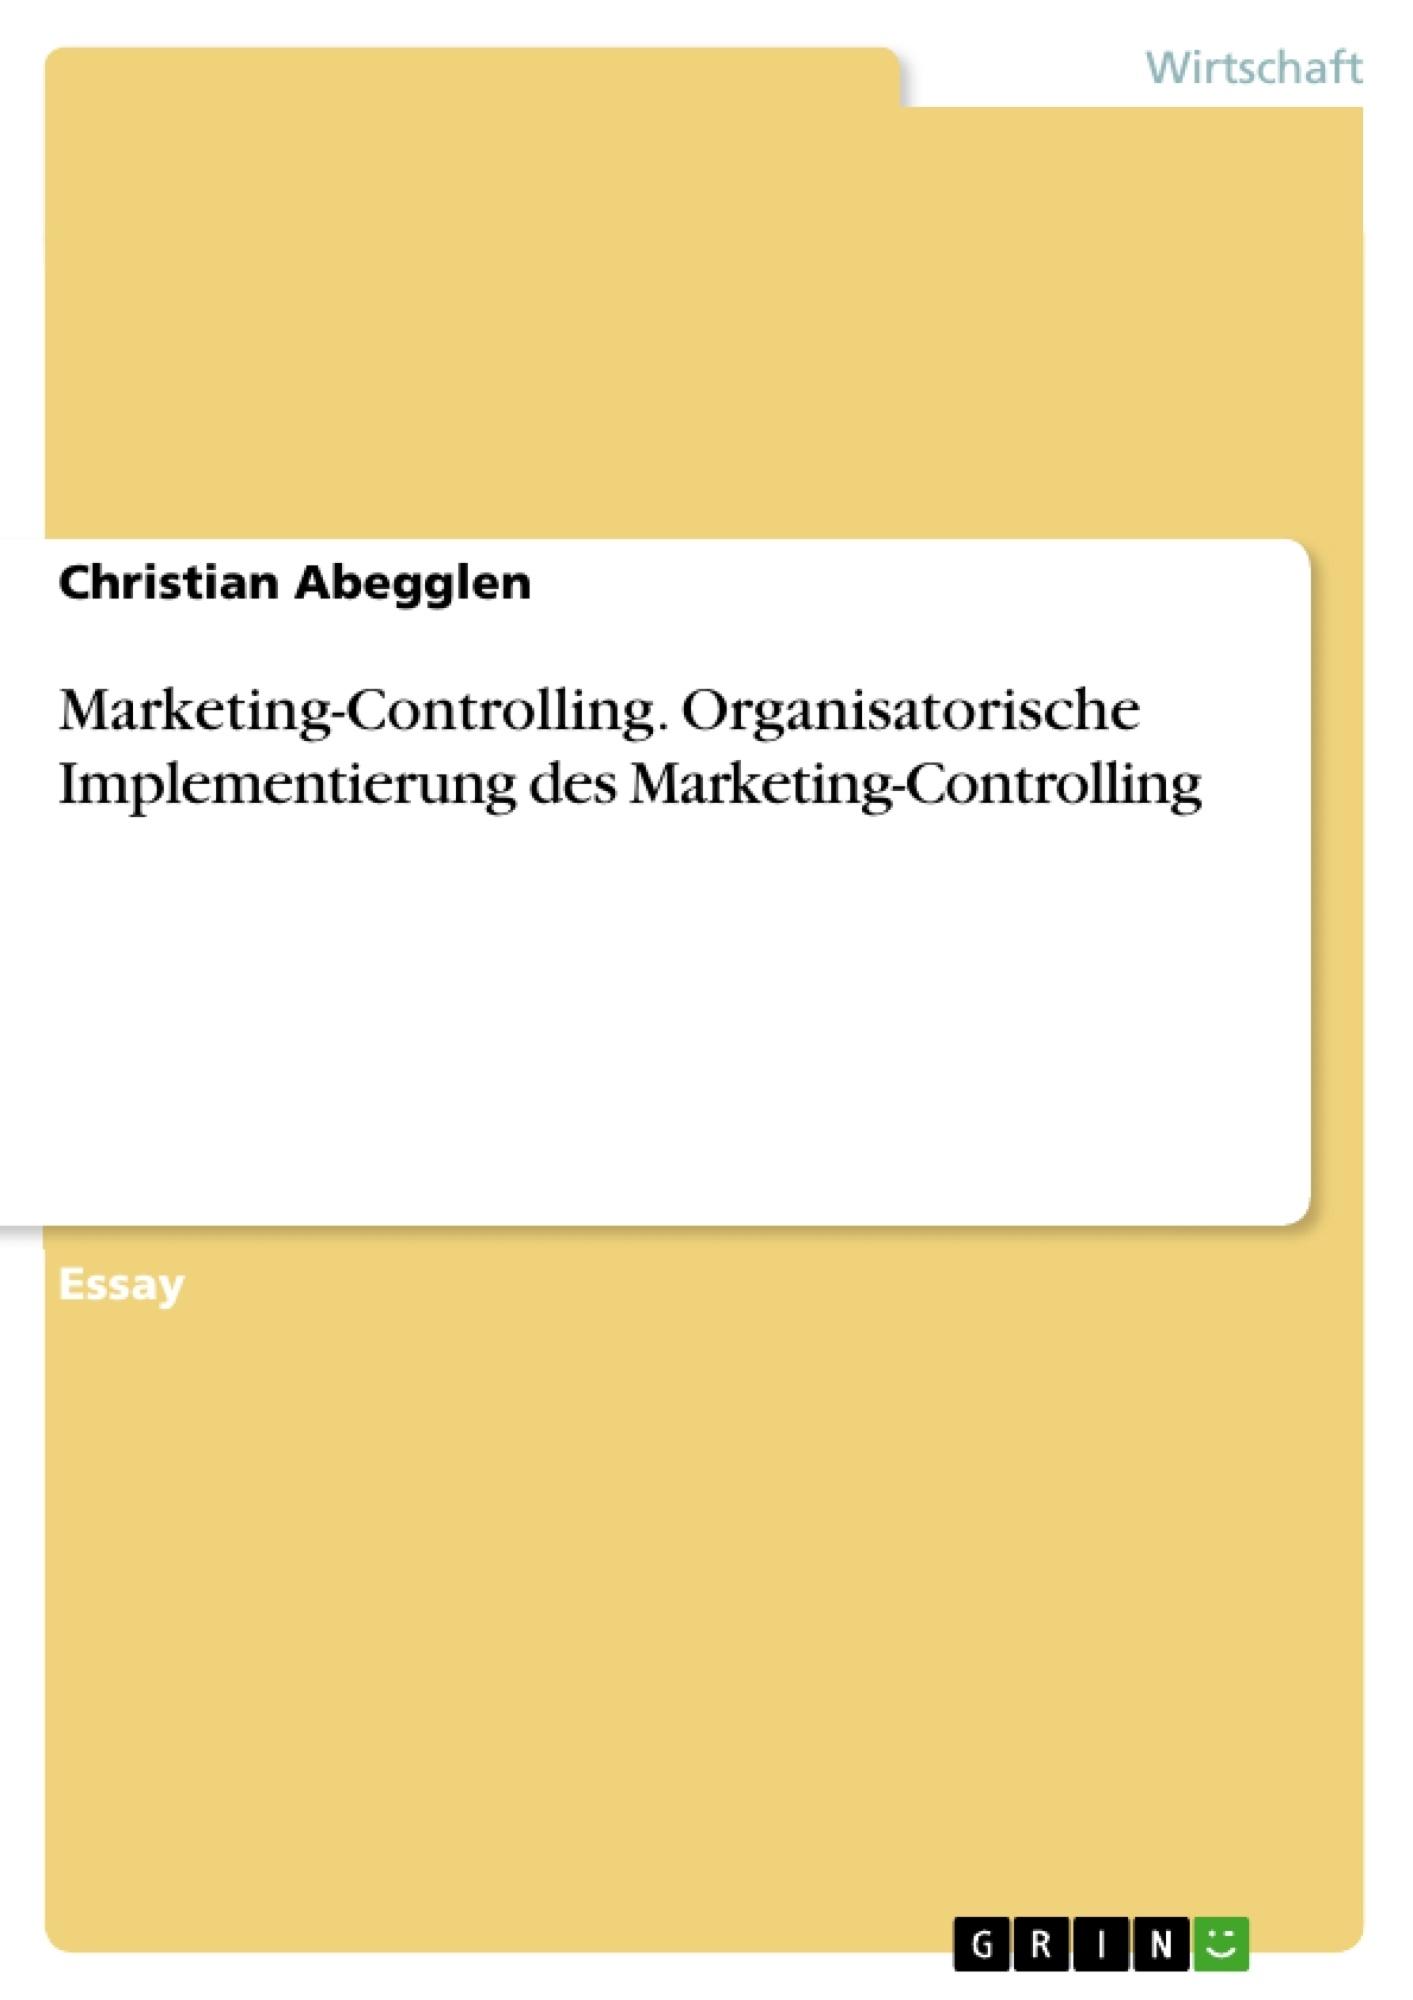 Titel: Marketing-Controlling. Organisatorische Implementierung des Marketing-Controlling